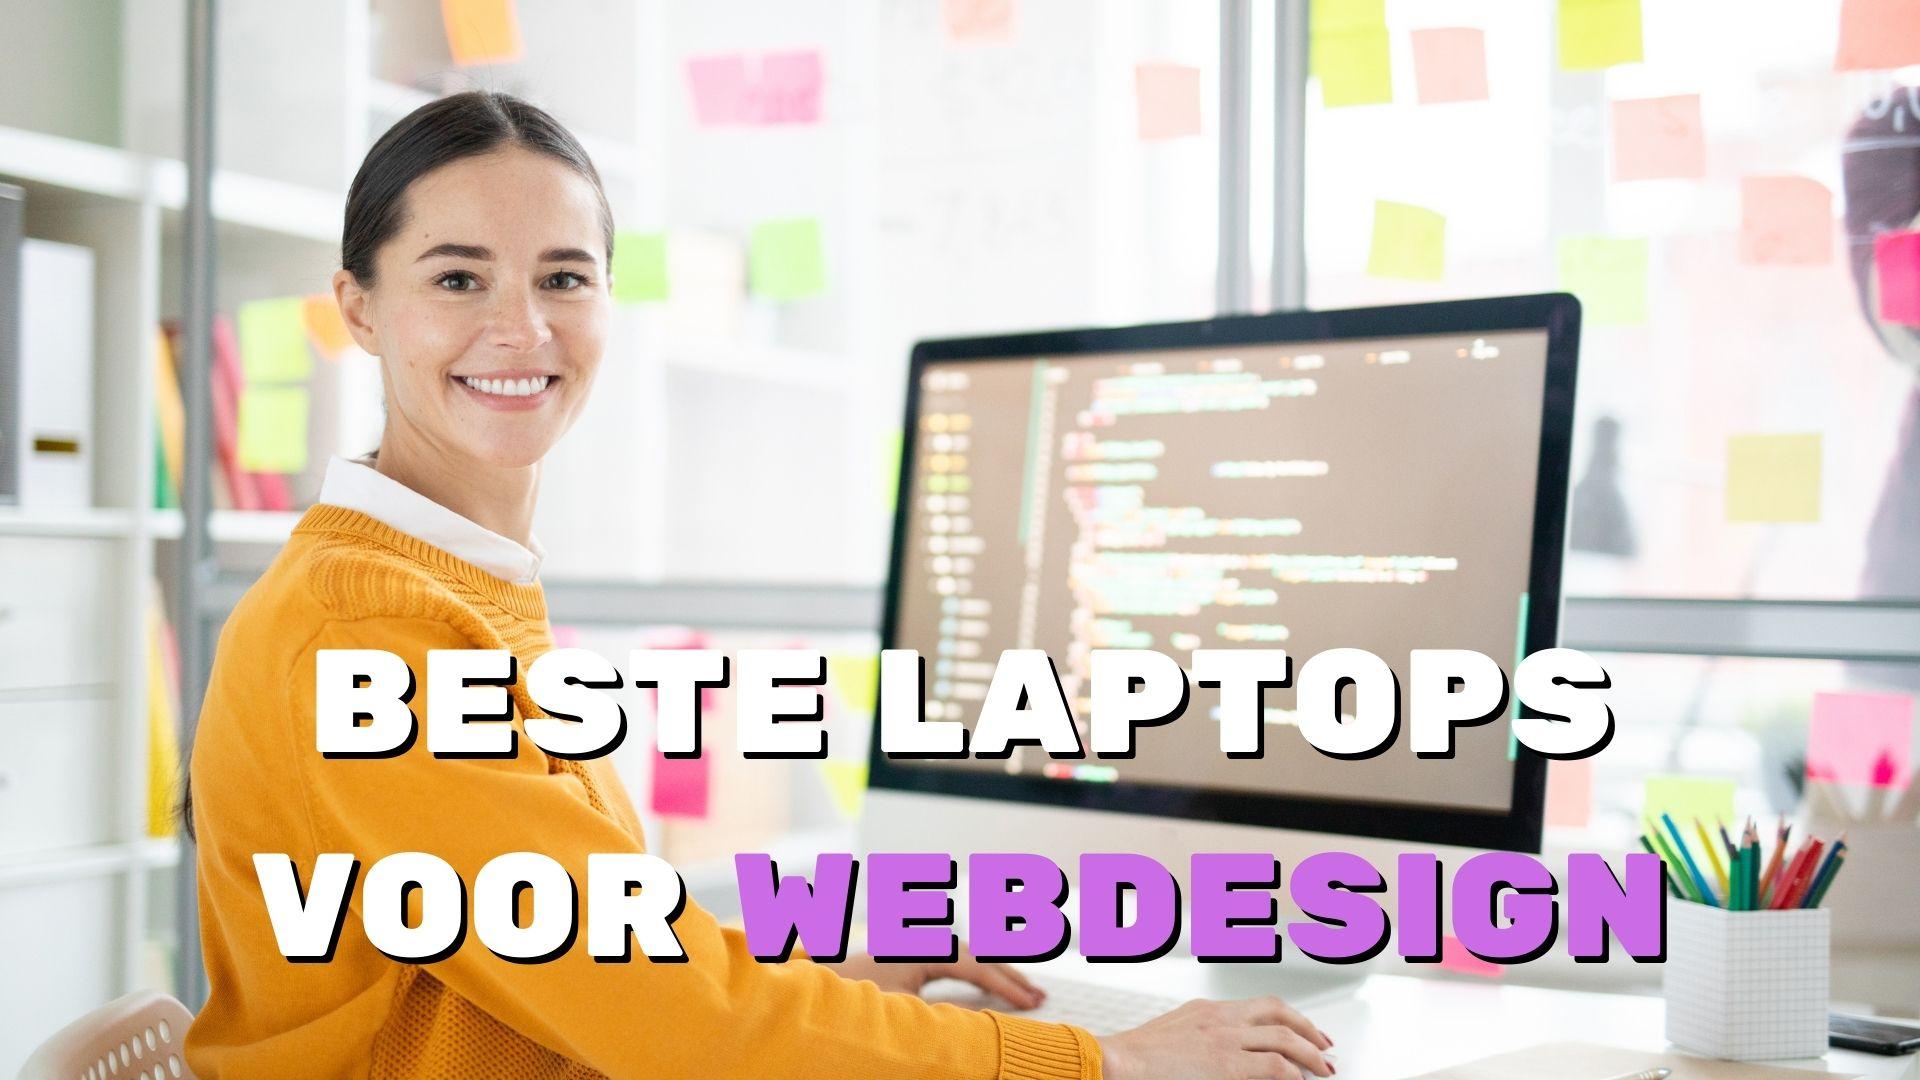 Beste laptops voor webdesign